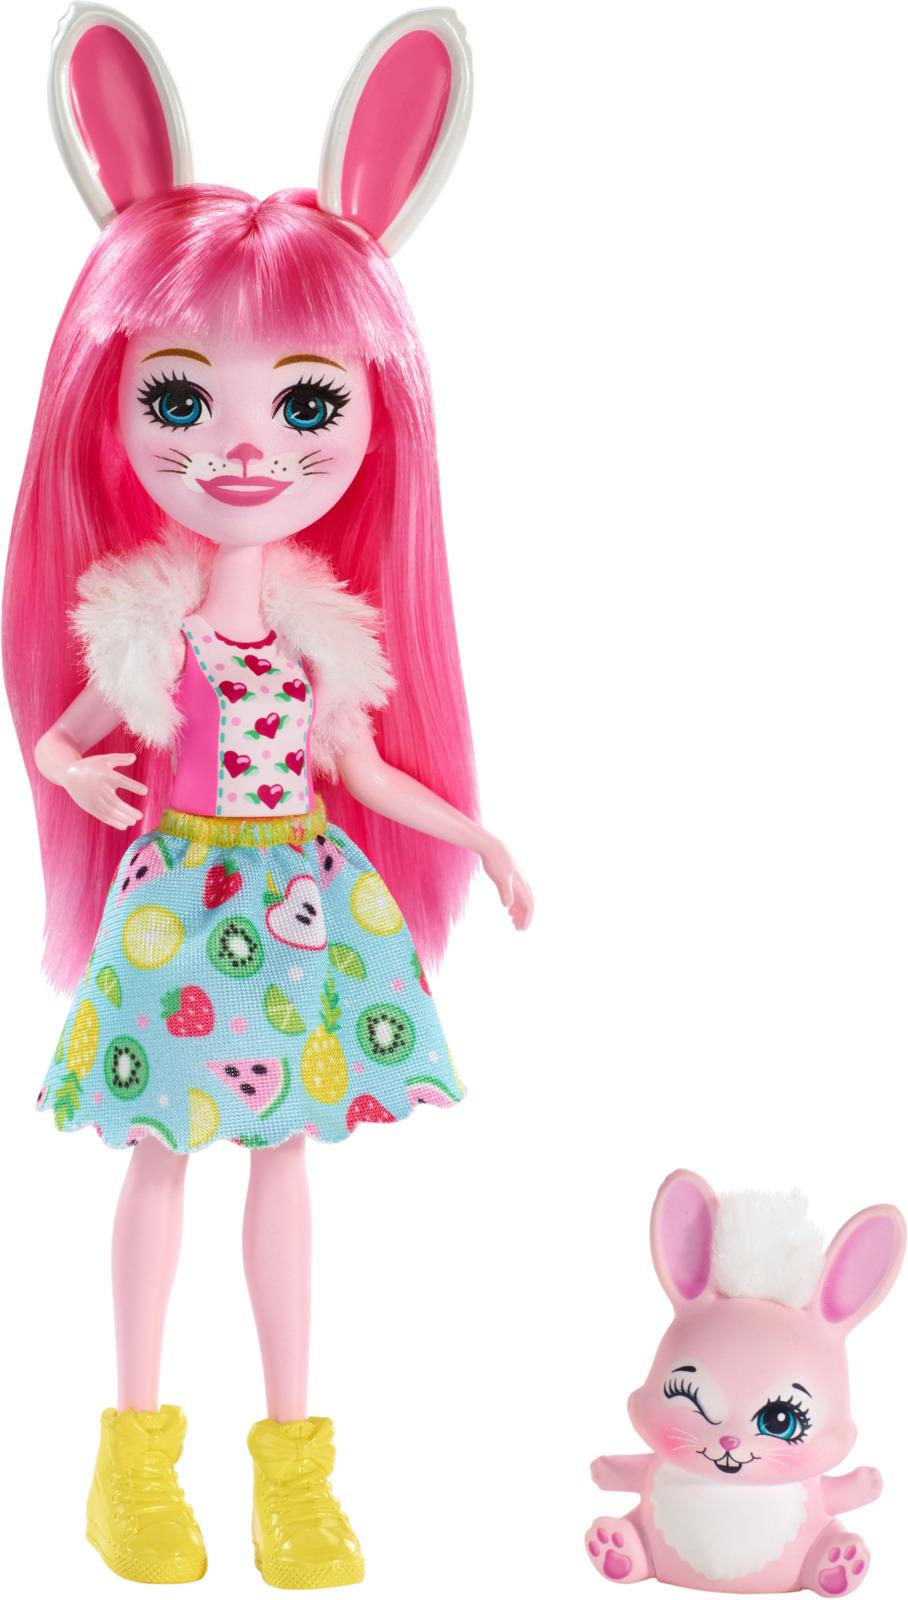 Игровой набор с куклой Enchantimals Bree Bunny, DVH87_FXM73, розовый, 15 см mattel набор с куклой enchantimals сюжетные наборы бри банни и твист